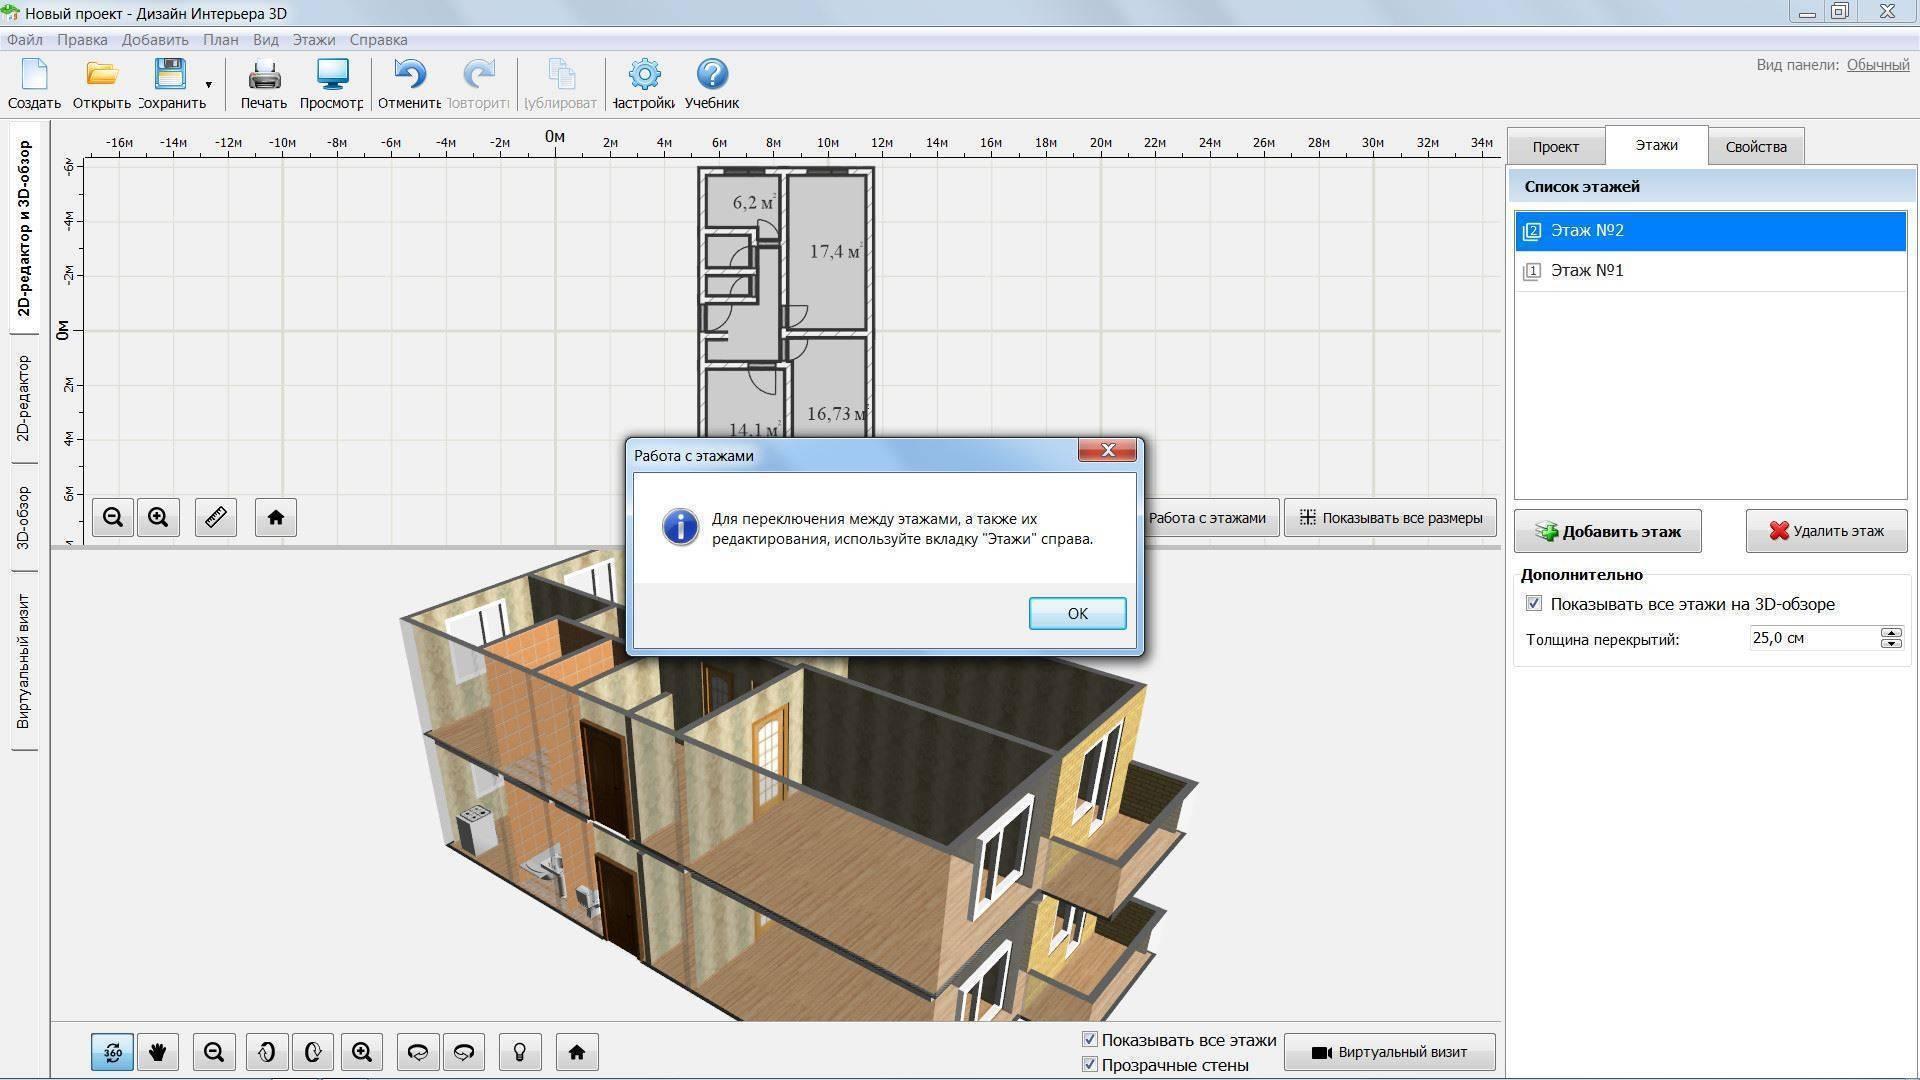 Дизайн интерьера 3d — проектируем самостоятельно